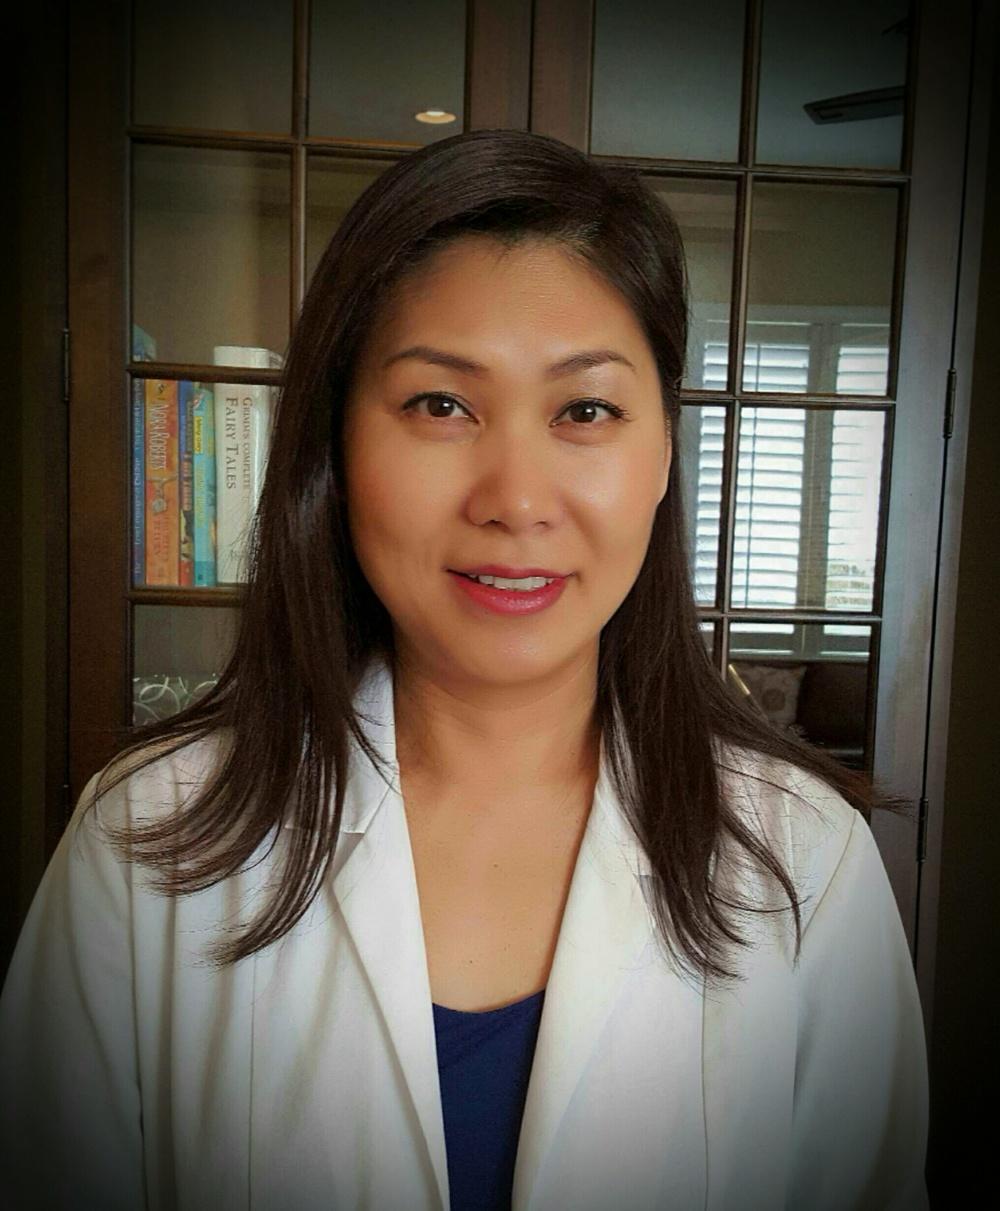 Dr choi.jpg